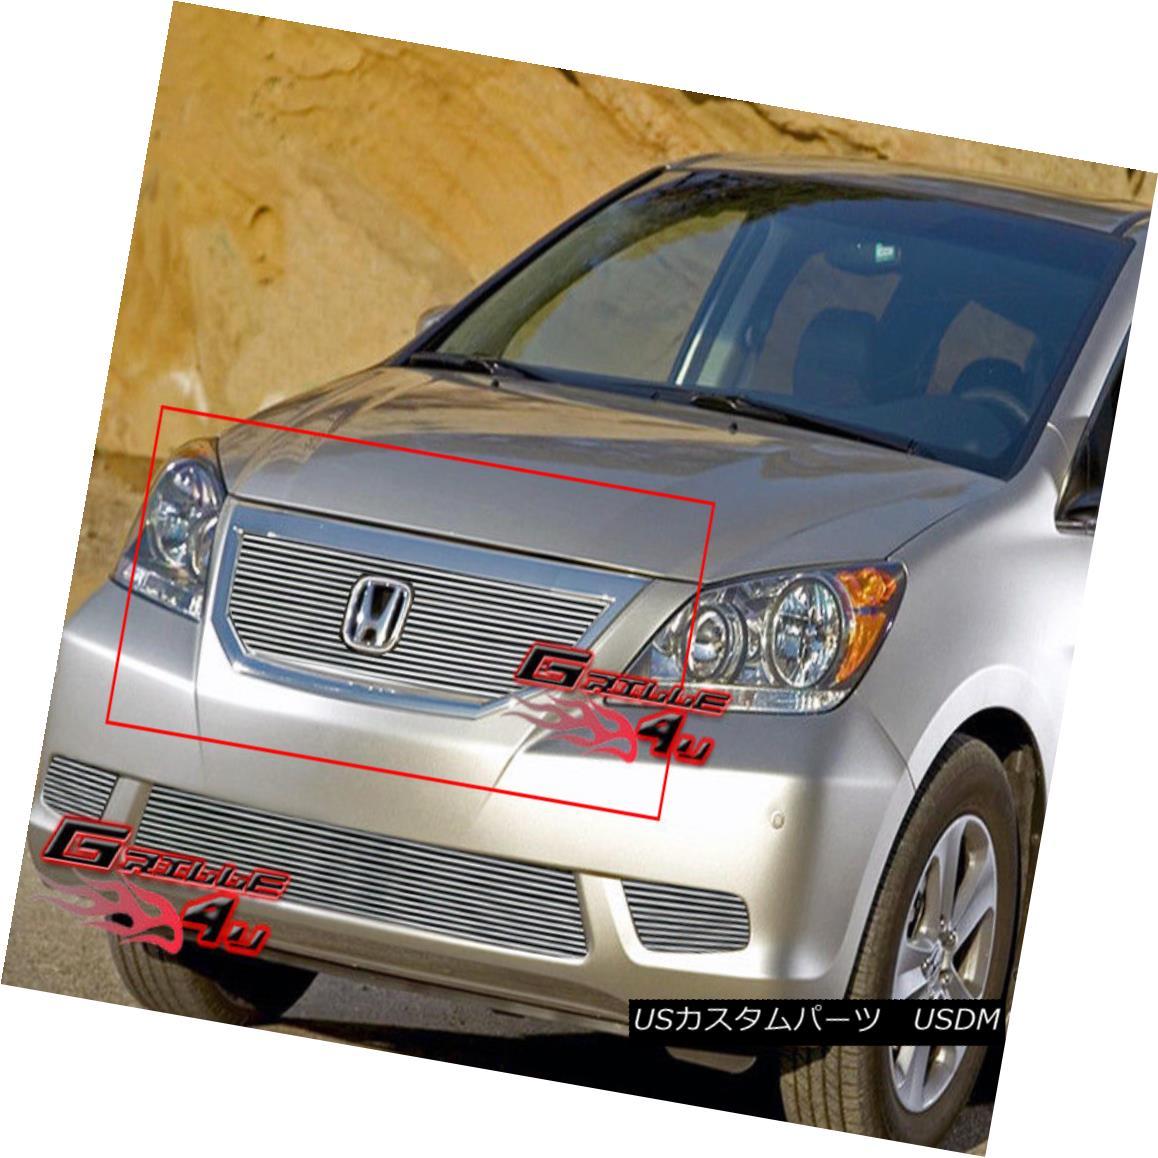 グリル Fits 08-10 Honda Odyssey Main Upper Billet Grille Insert フィット08-10ホンダオデッセイメインアッパービレットグリルインサート